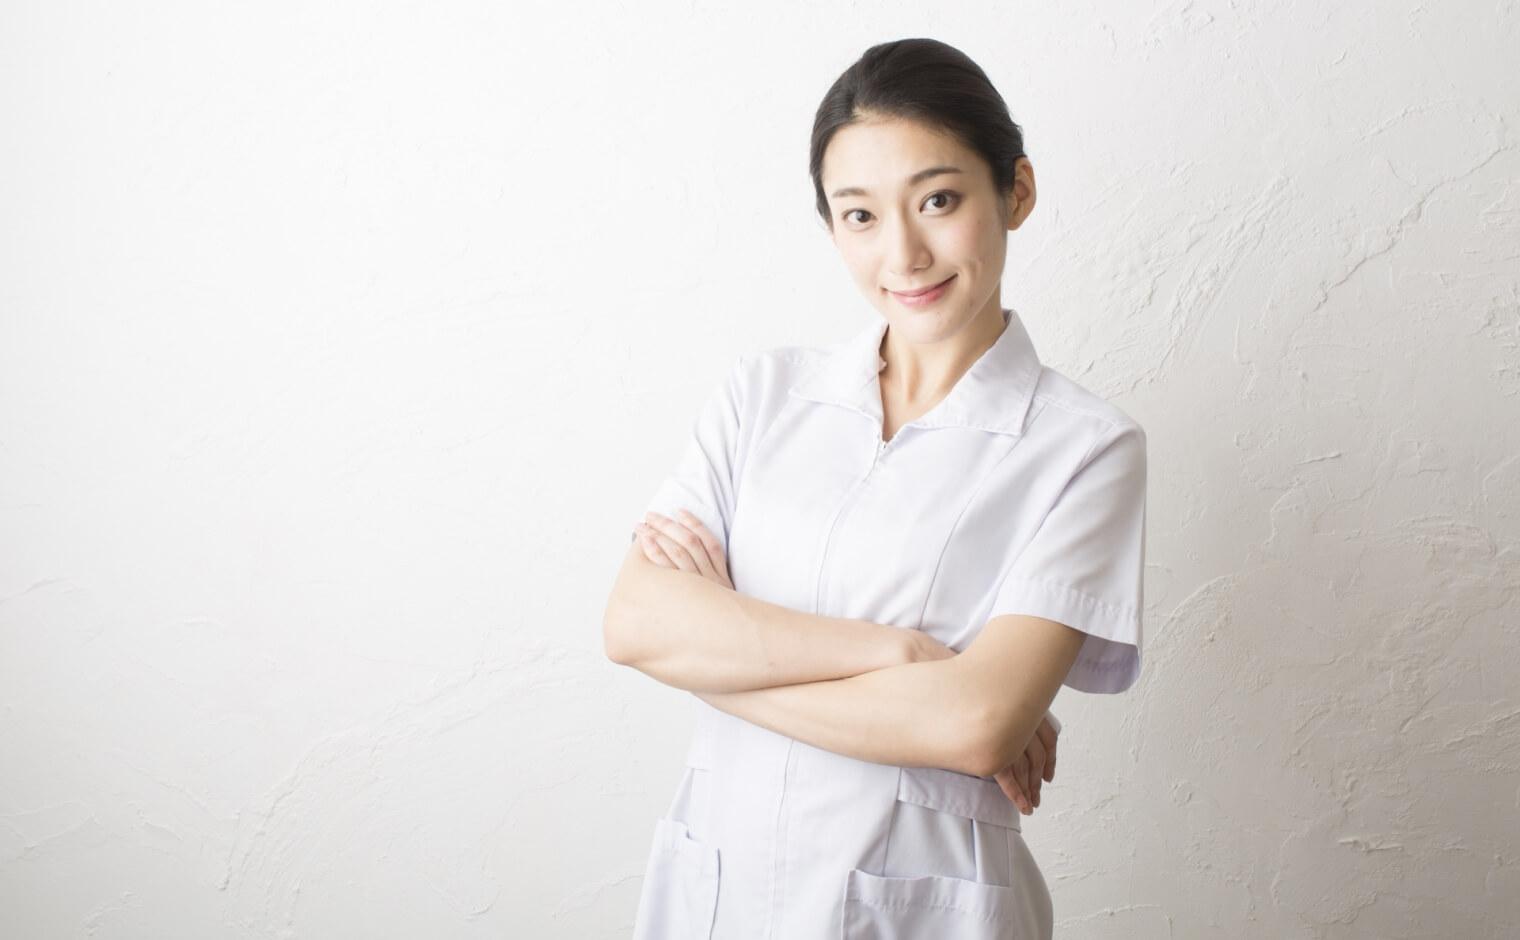 看護師の服の色